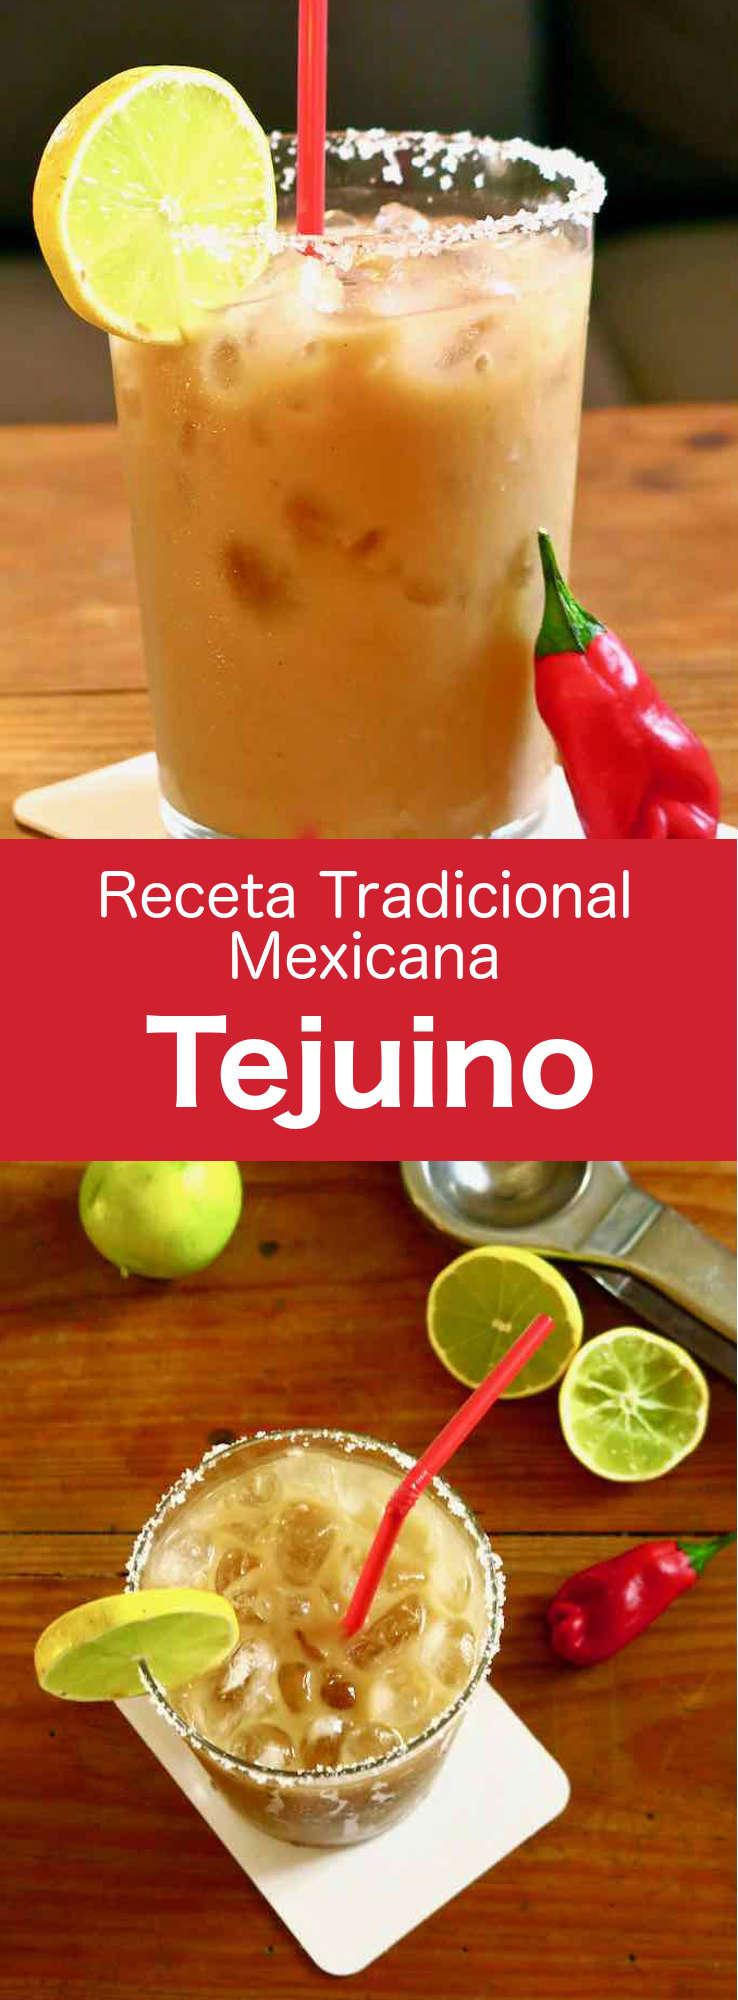 El tejuino es una deliciosa bebida mexicana fermentada, hecha con masa harina mezclada con agua, piloncillo y lima. #Mexico #RecetaMexicana #196flavors